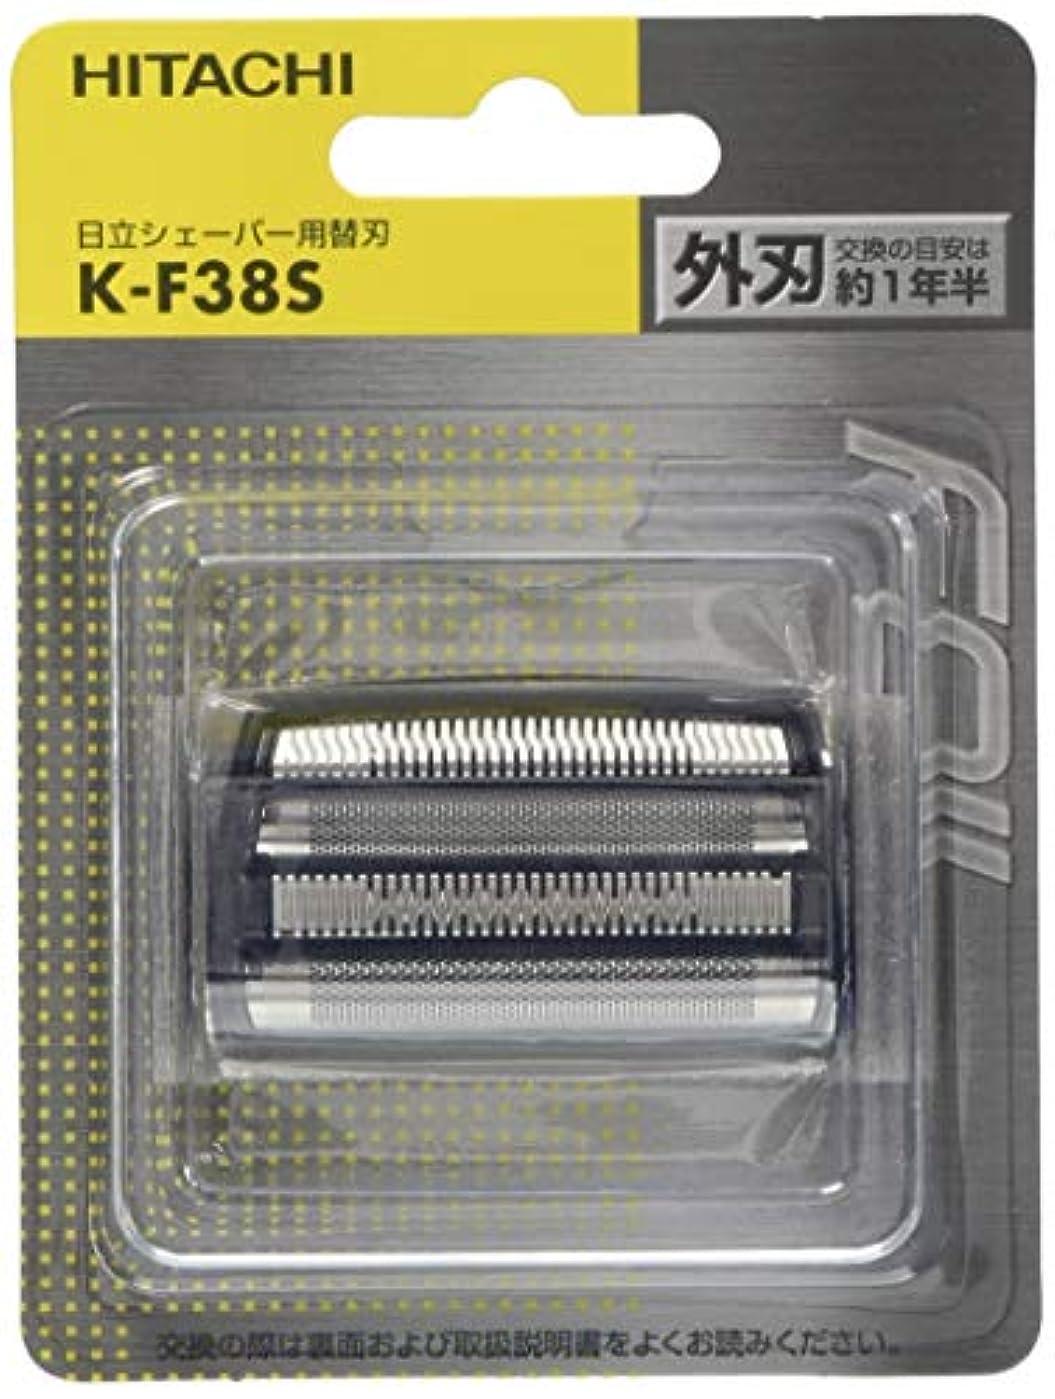 帝国あえぎ期限切れ日立 メンズシェーバー用替刃(外刃) K-F38S